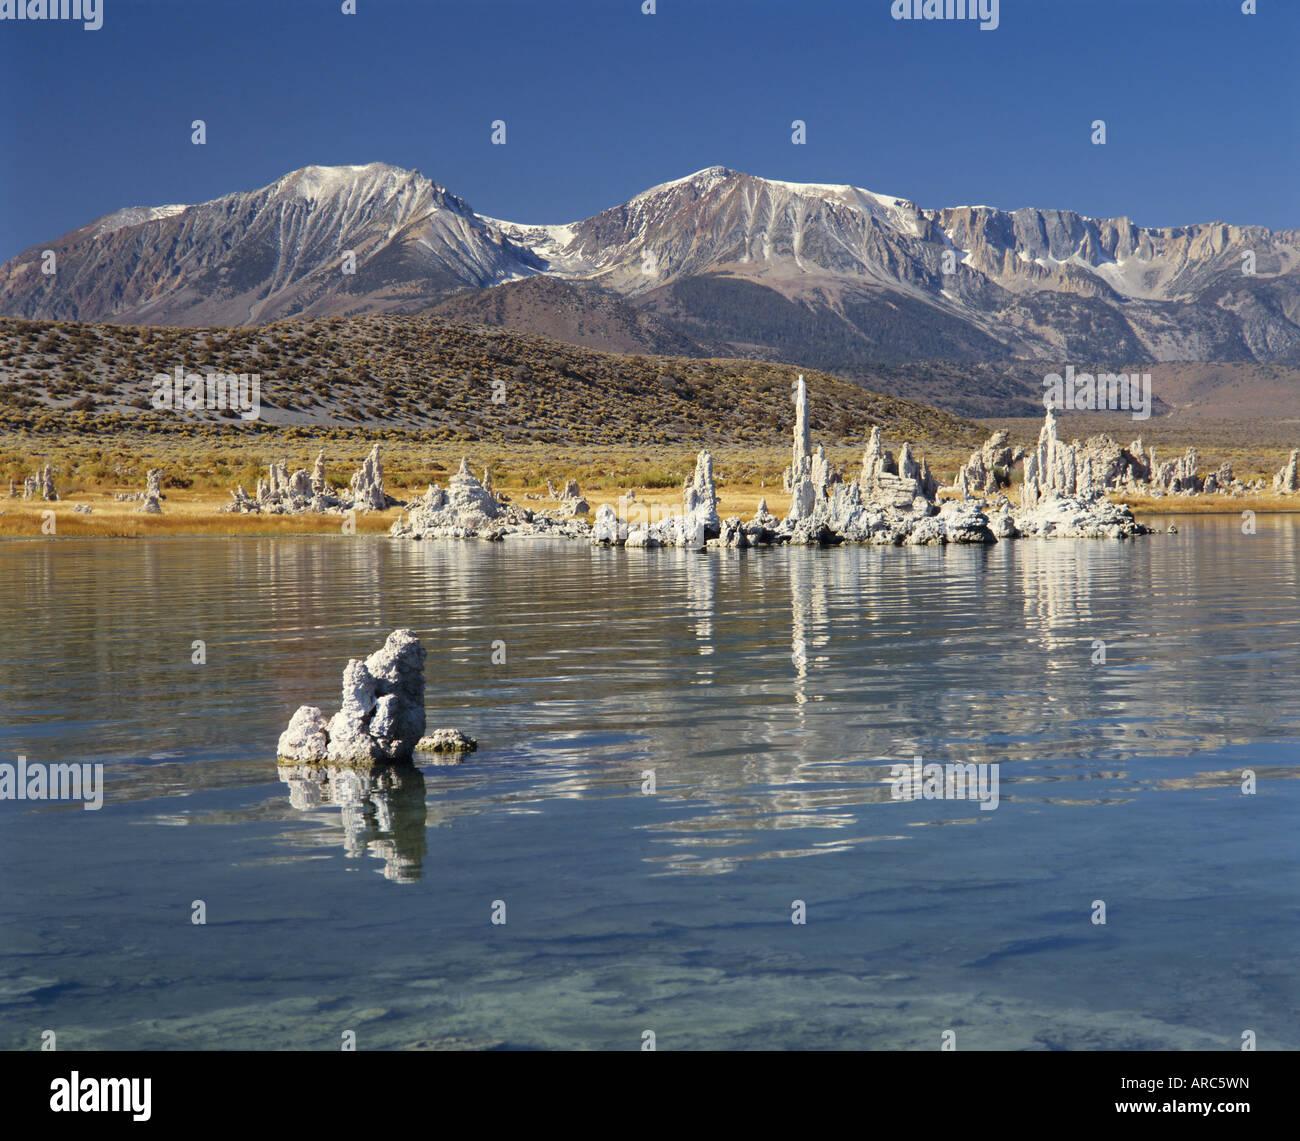 Calcium carbonate tufas, Mono Lake, California, USA, North America - Stock Image